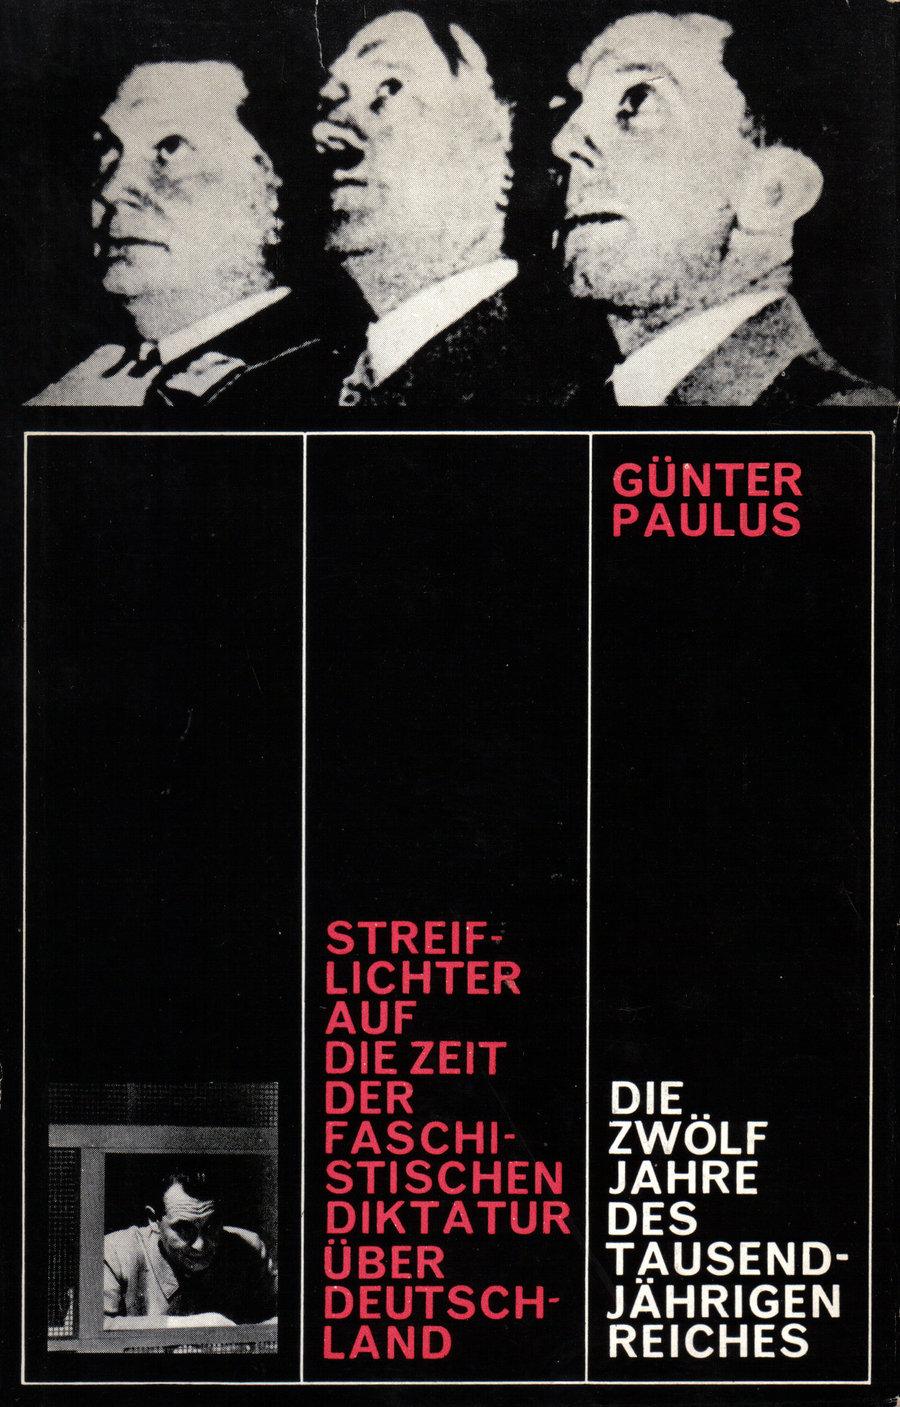 3.Reich_02